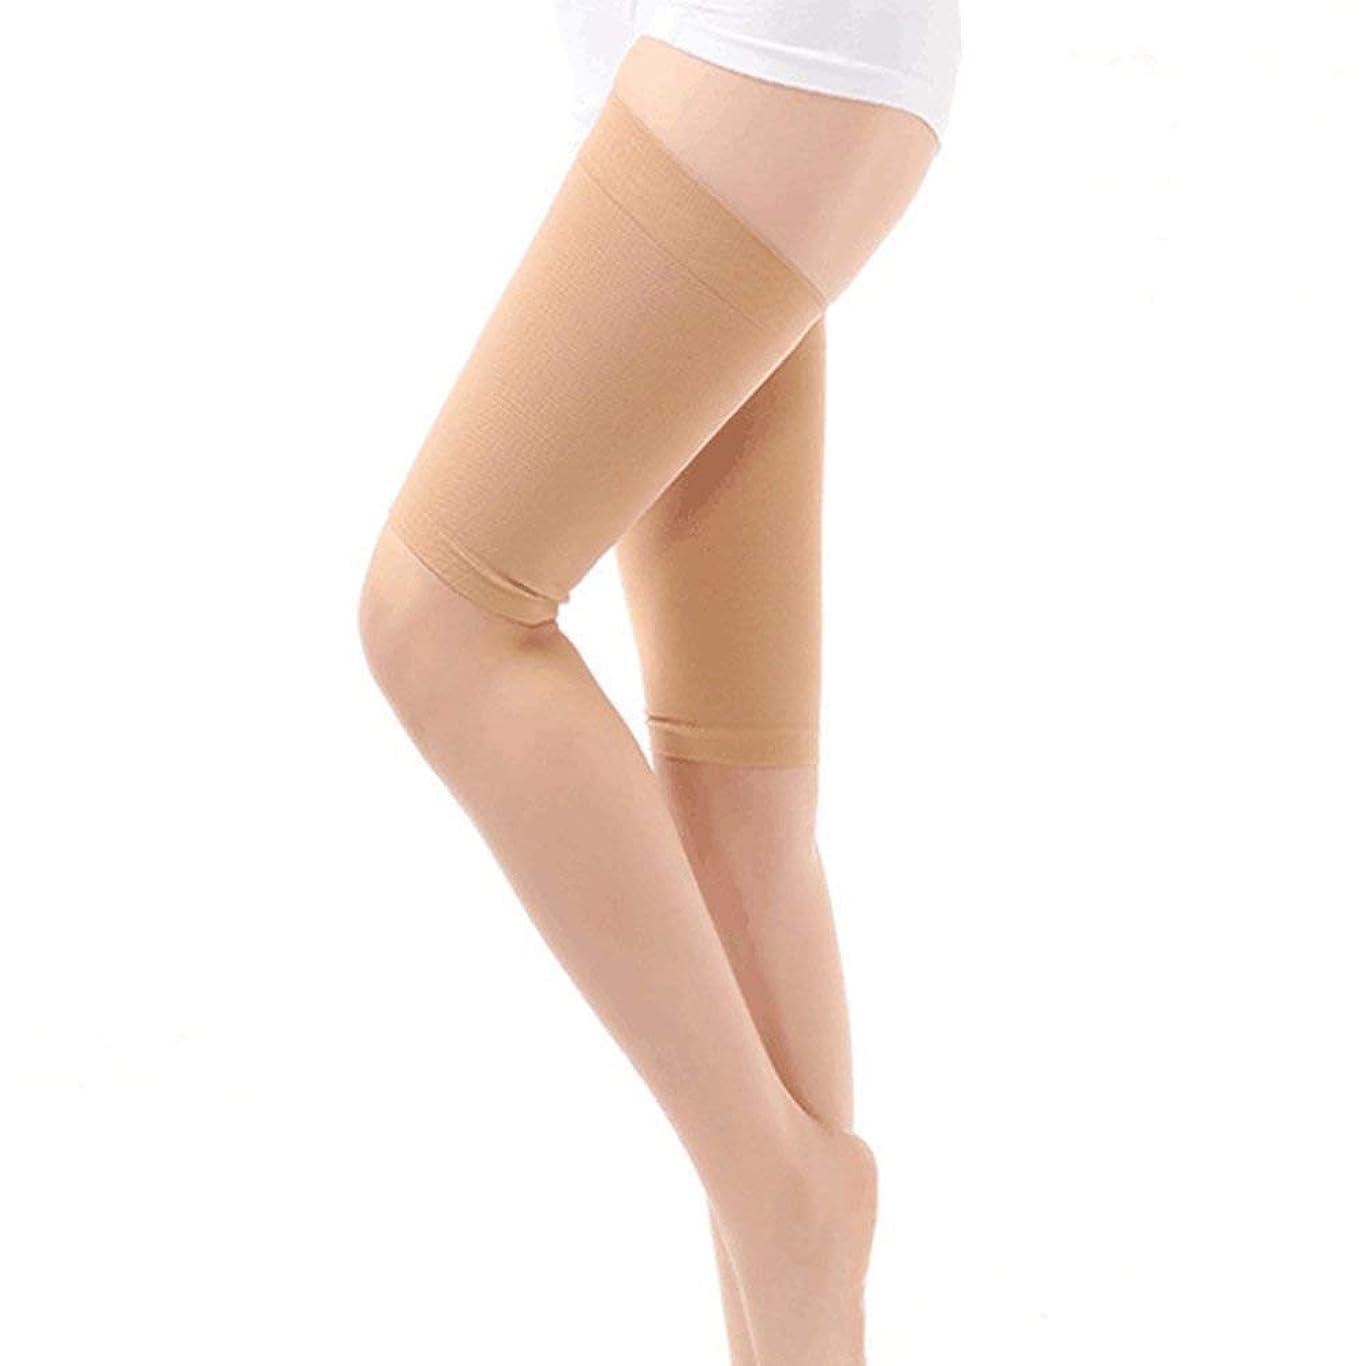 充実正直警戒太もも燃焼 むくみ セルライト 除去 婦人科系 に作用 両足セット肌の色